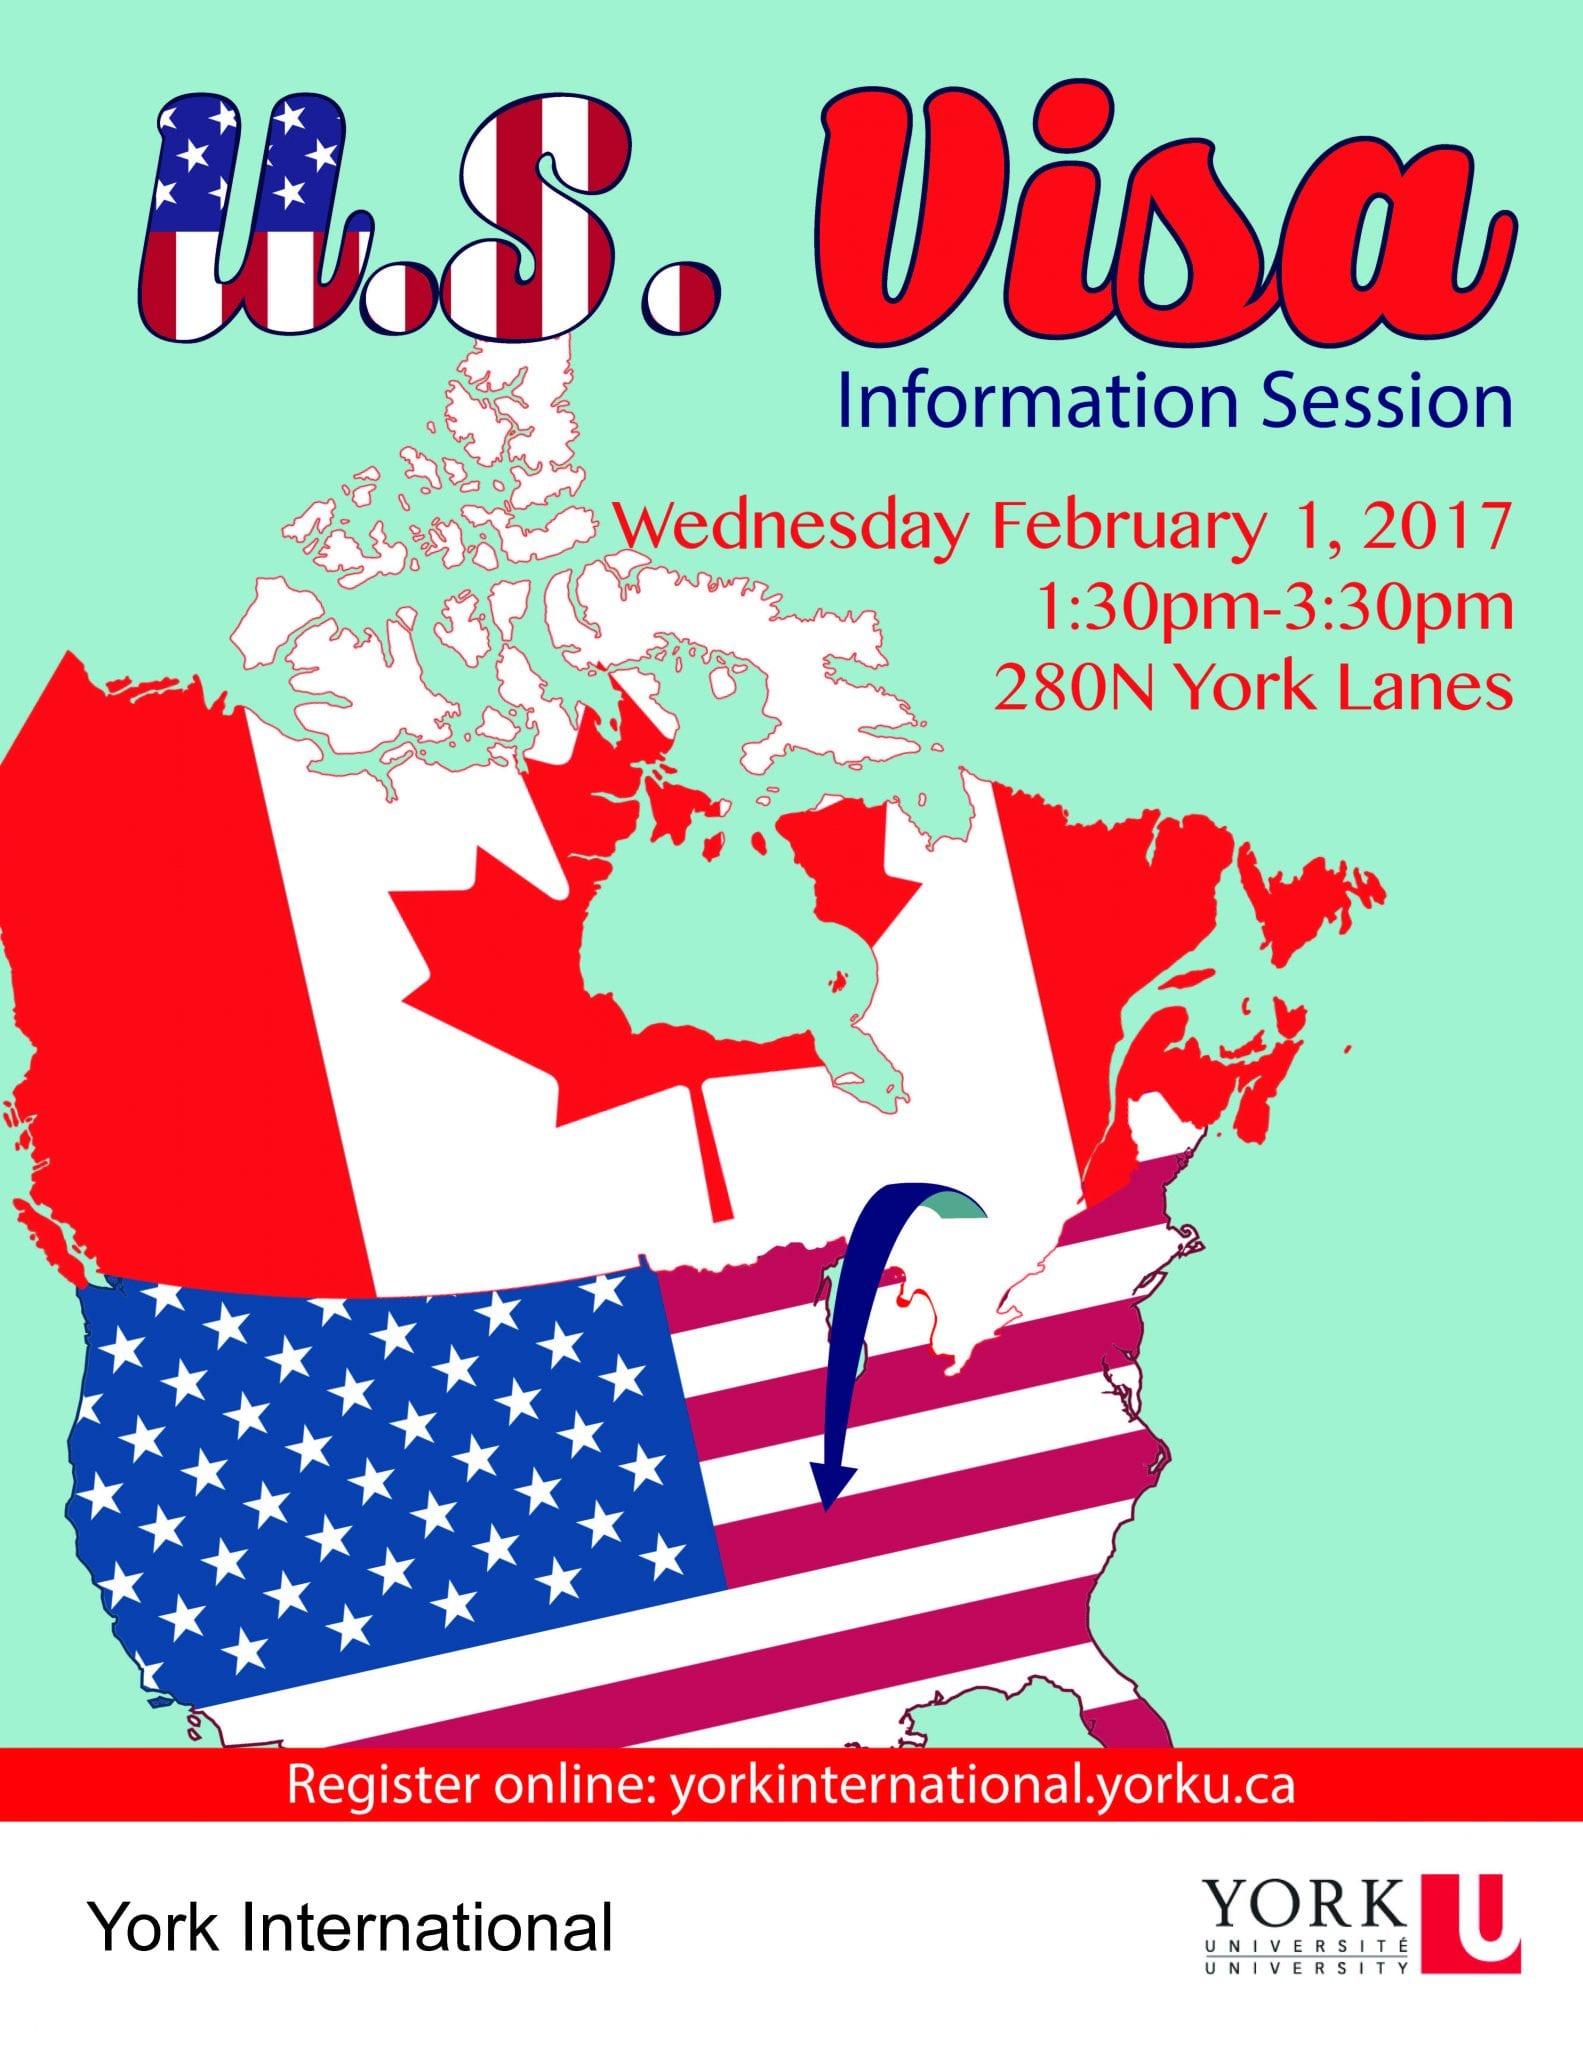 US Visa Information Session @ 280N York Lanes